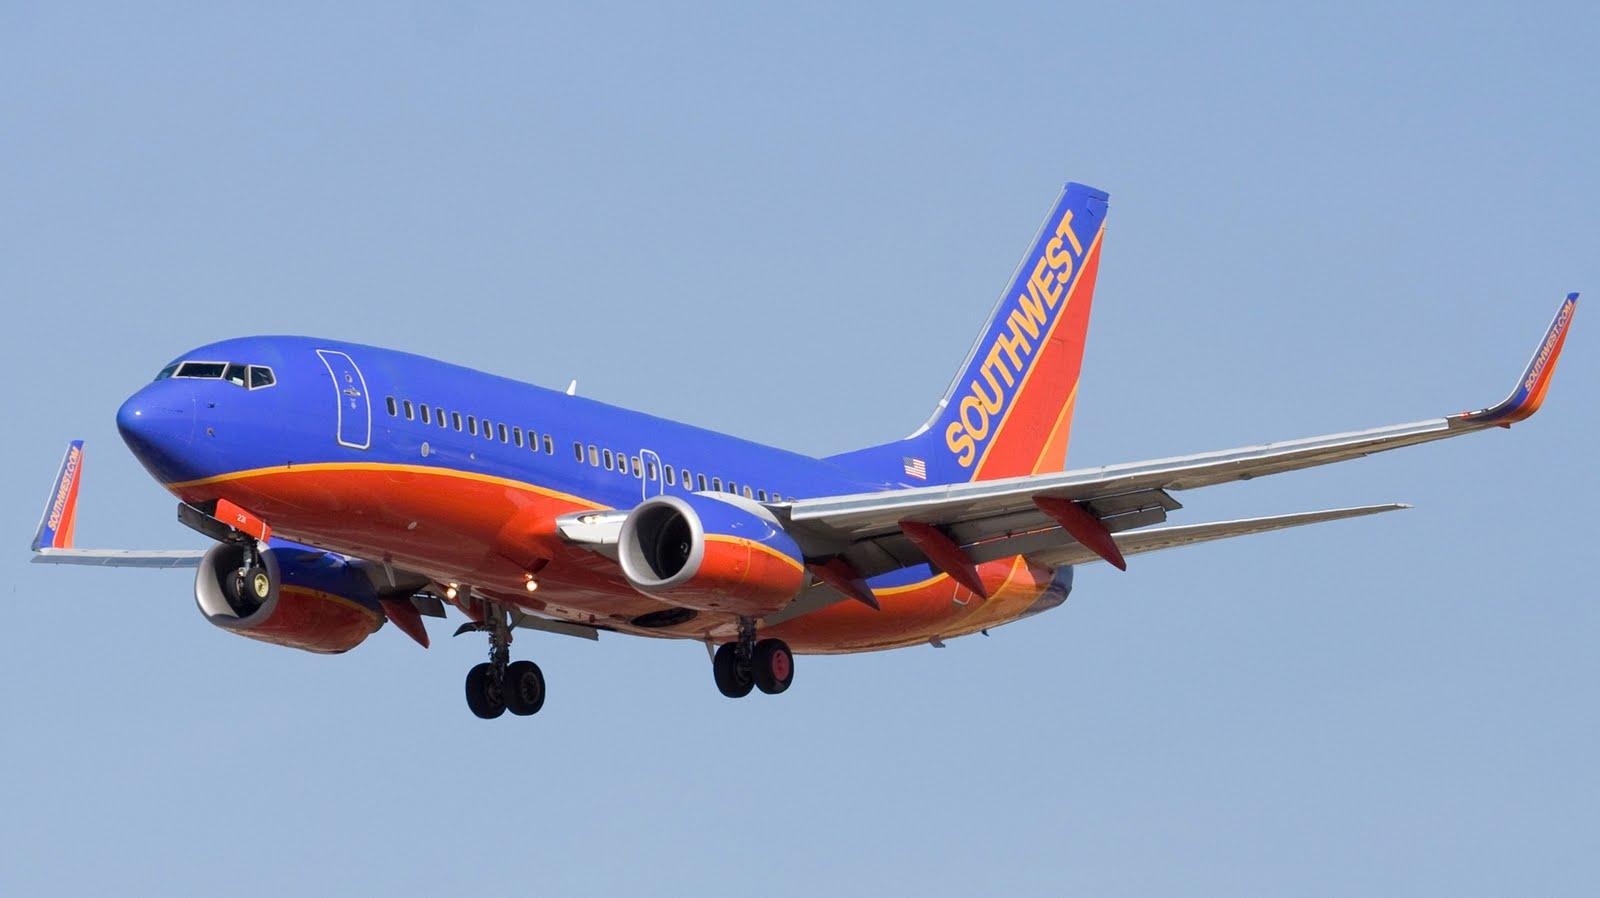 http://3.bp.blogspot.com/_ja676MG45Zg/S8yA2GG0yyI/AAAAAAAADKM/15NkjbwK6Go/s1600/Southwest-airlines-boeing-b737.jpg